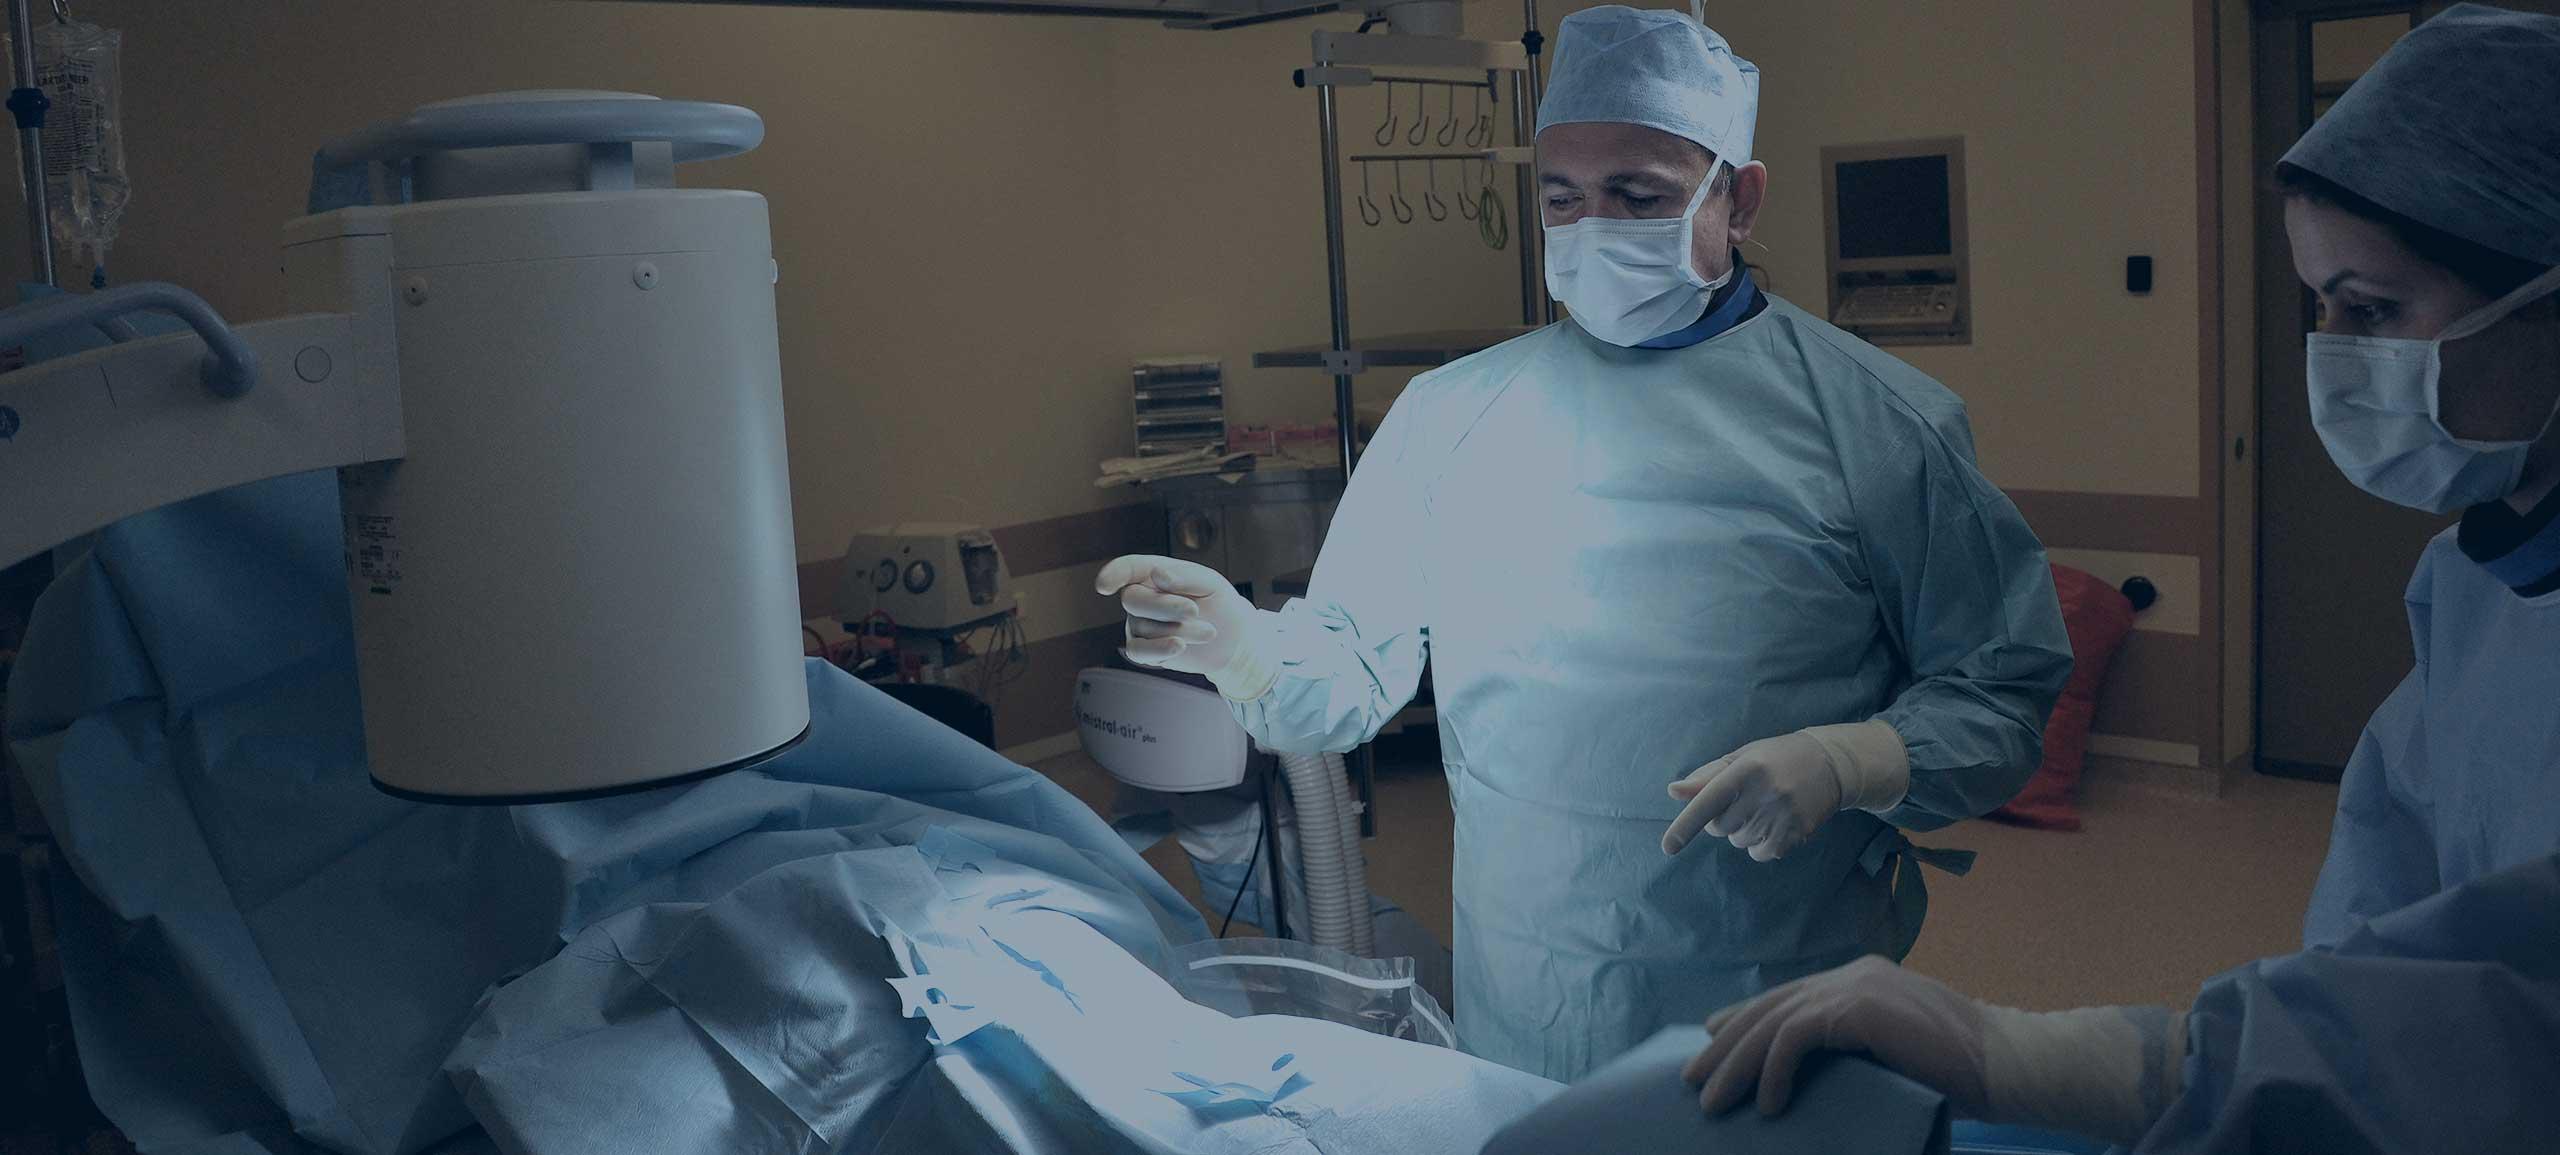 Perkütan böbrek cerrahisinde dikkat edilmesi gerekenler - Prof. Dr. Sinan Zeren